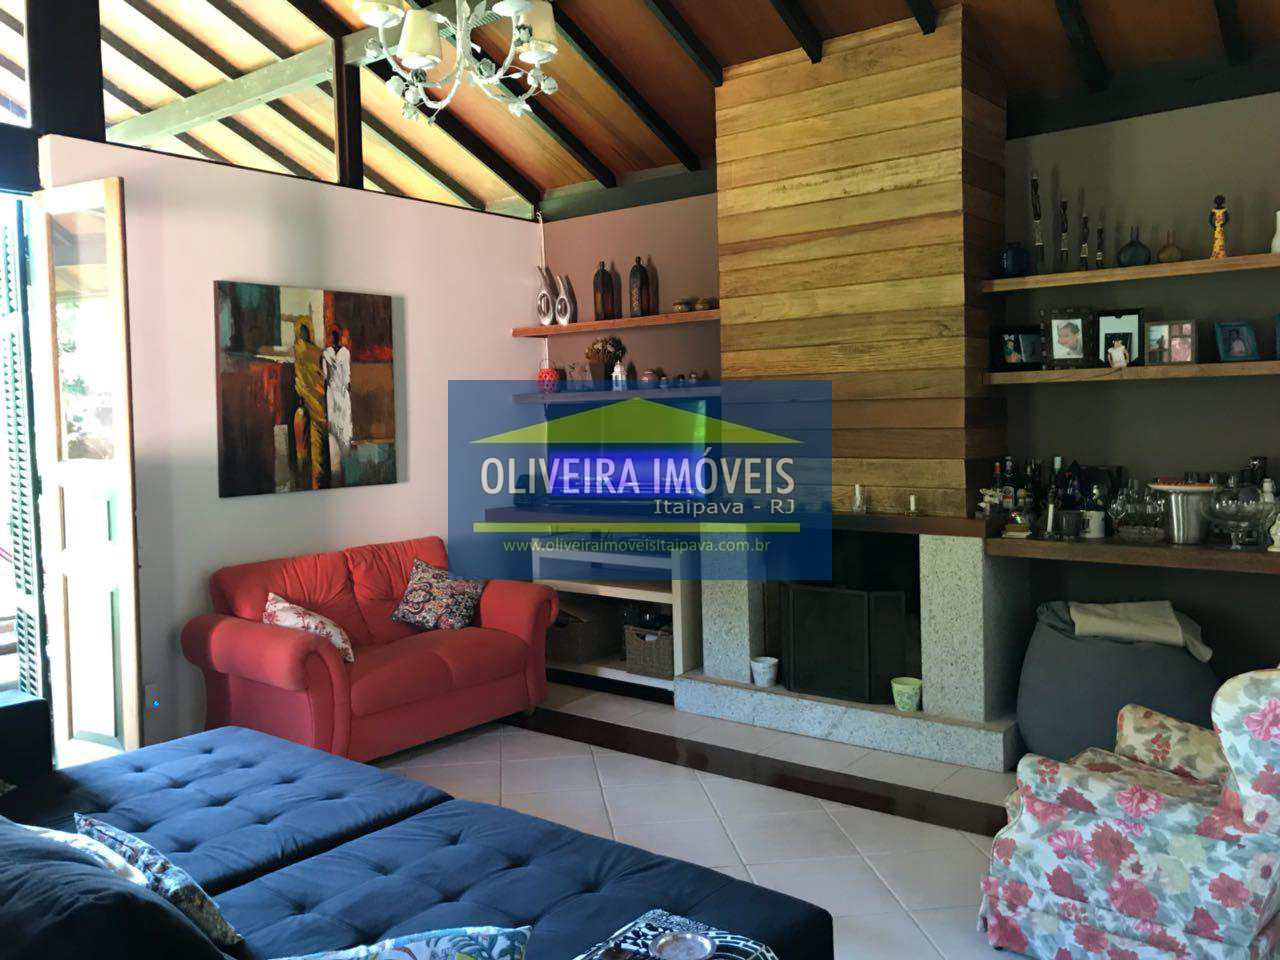 Casa com 3 dorms, Araras, Petrópolis - R$ 1.1 mi, Cod: 46